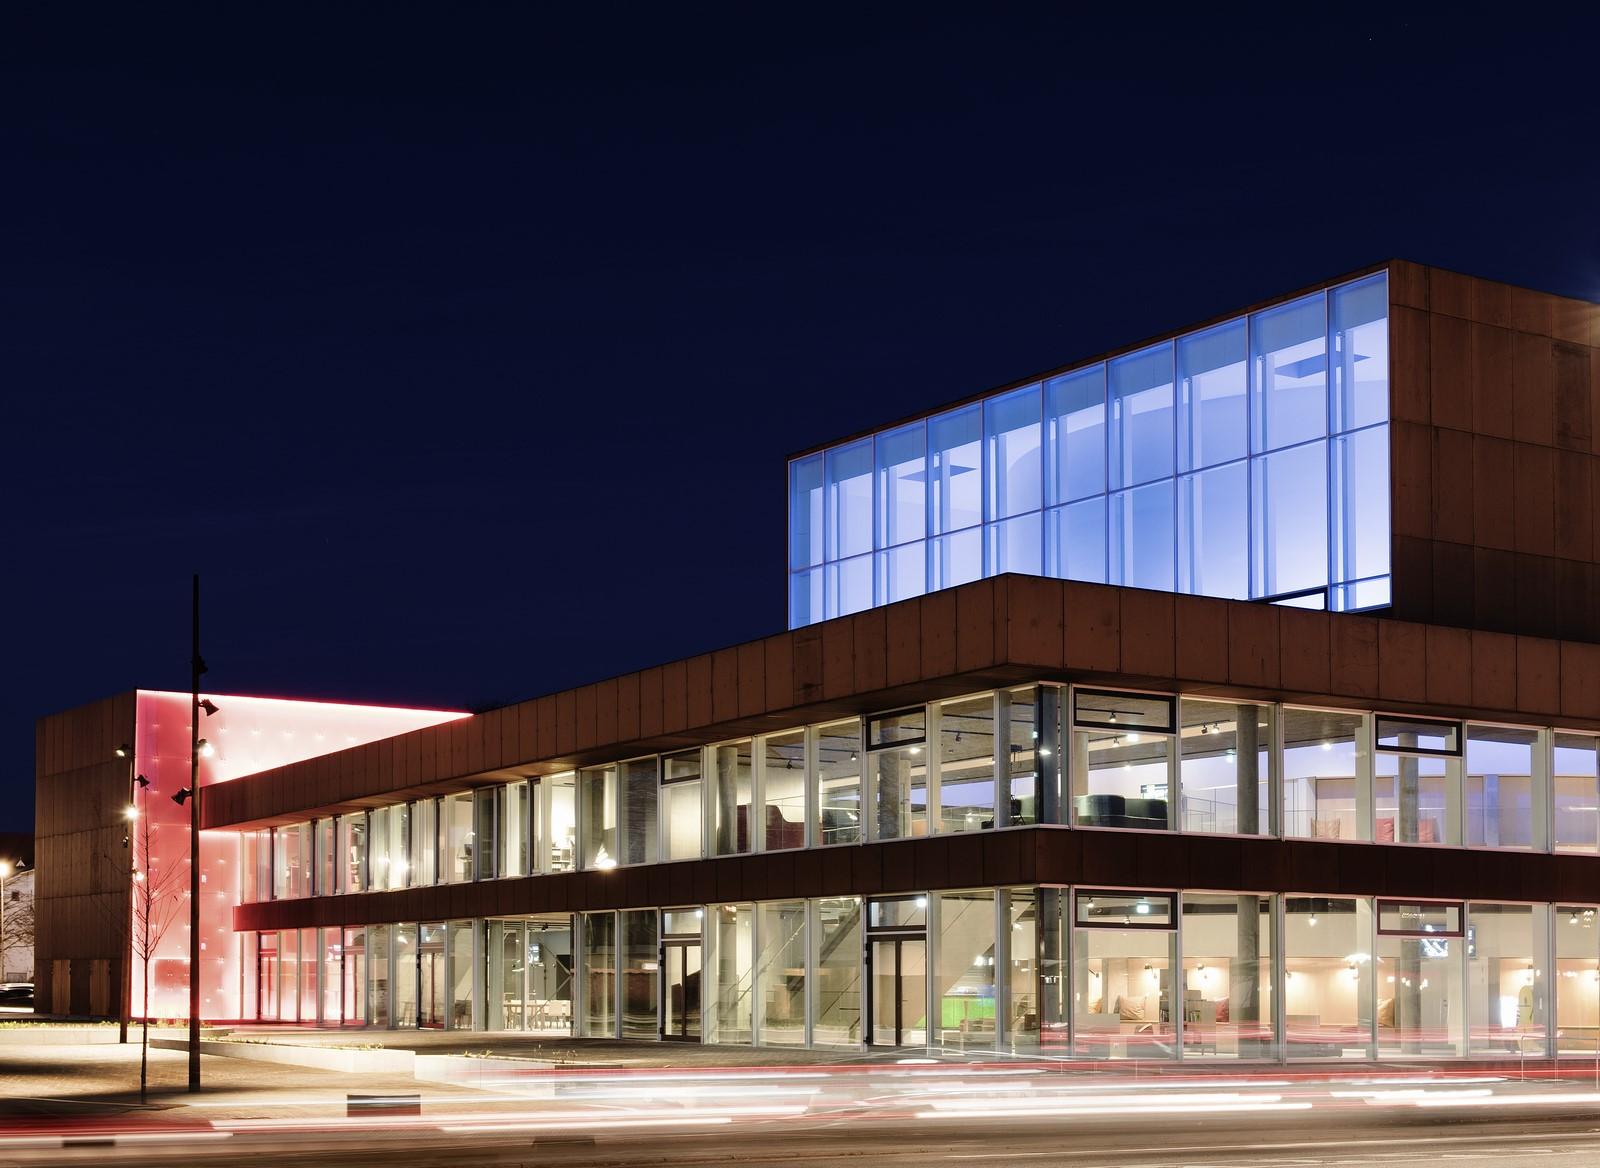 Spotlight: Vendsyssel Teater